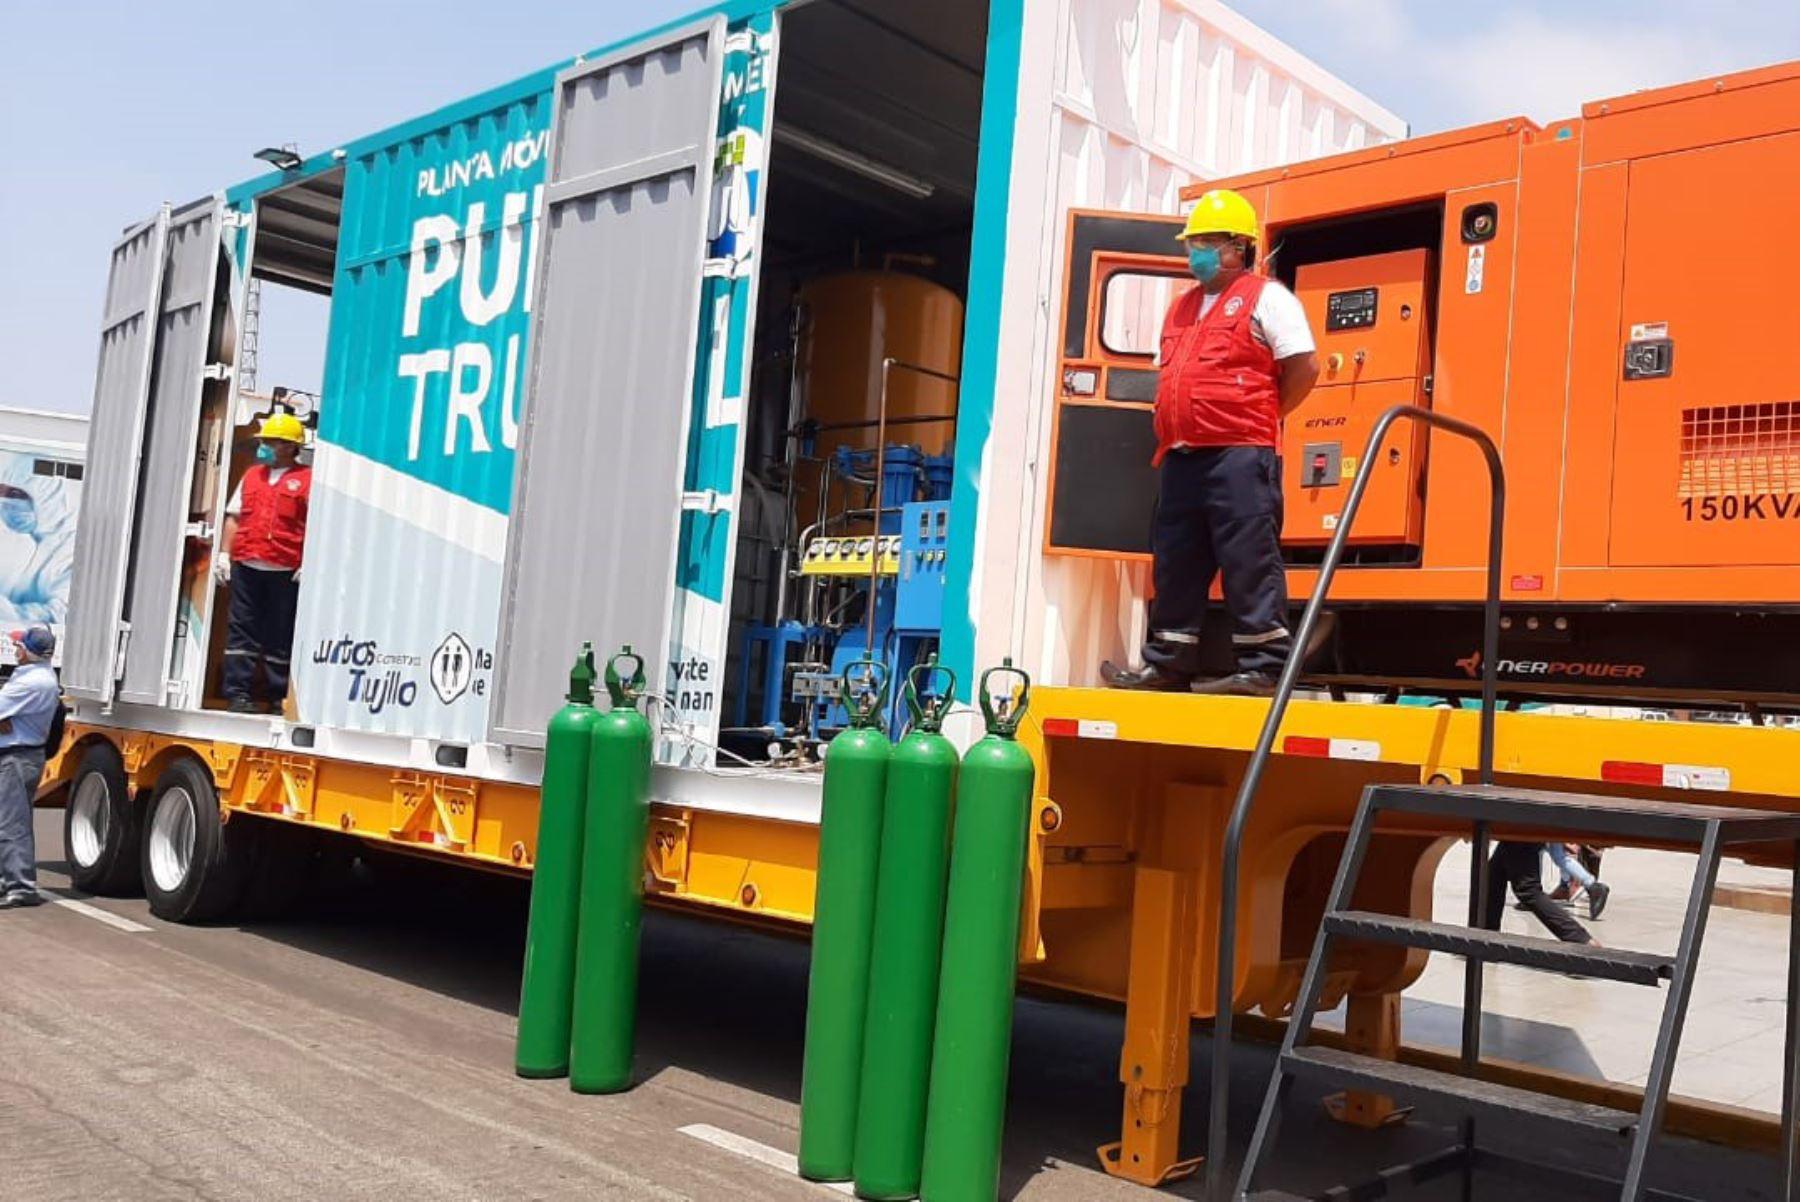 La municipalidad de Trujillo puso en operaciones una planta generadora de oxígeno medicinal y consultorios móviles para detectar covid-19. Foto: ANDINA/Difusión